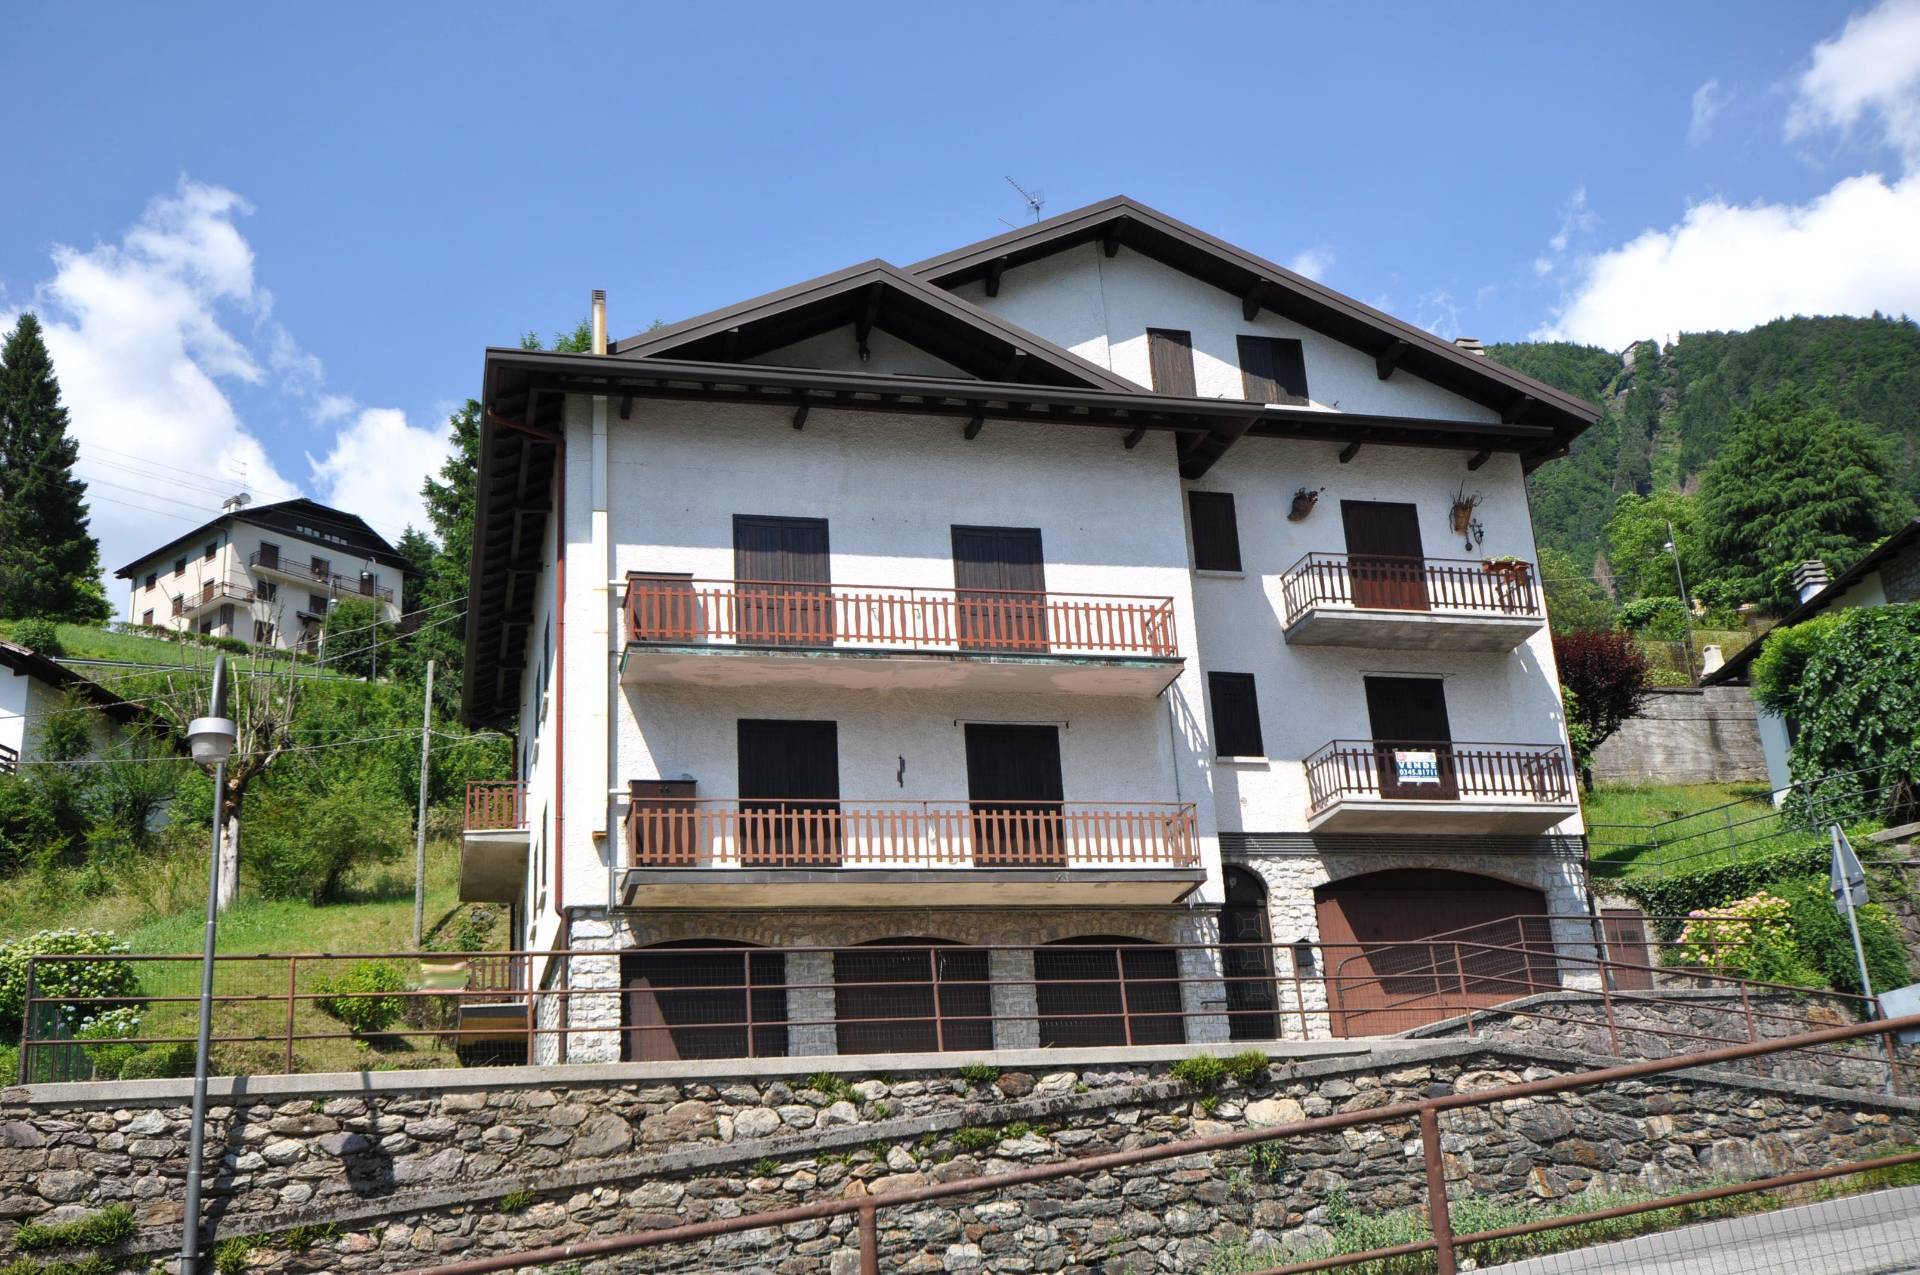 Appartamento in vendita a Roncobello, 3 locali, prezzo € 47.000 | Cambio Casa.it